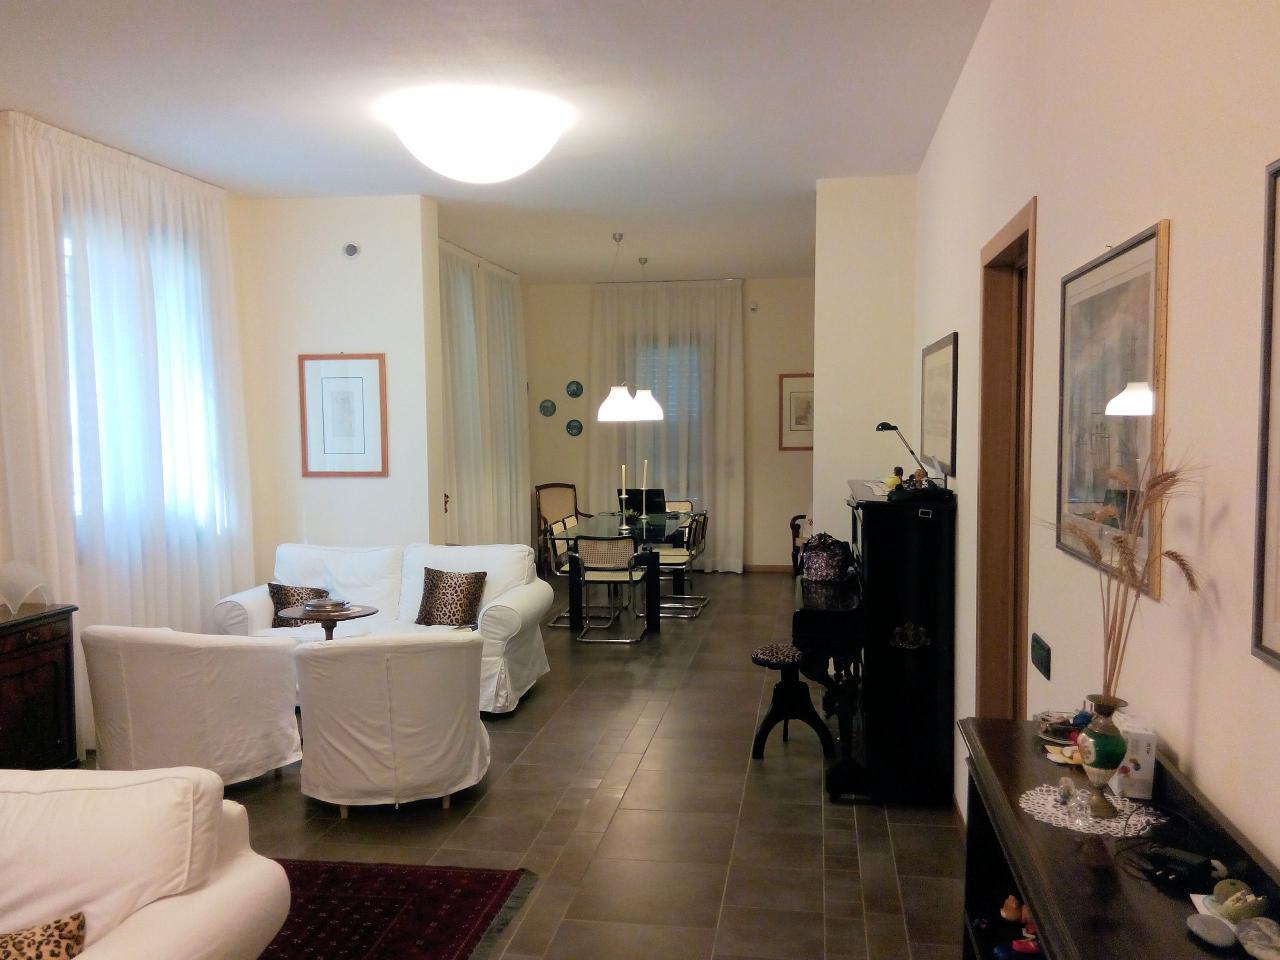 Villa in vendita a Pietrasanta, 10 locali, zona Località: MarinadiPietrasanta, Trattative riservate | Cambio Casa.it